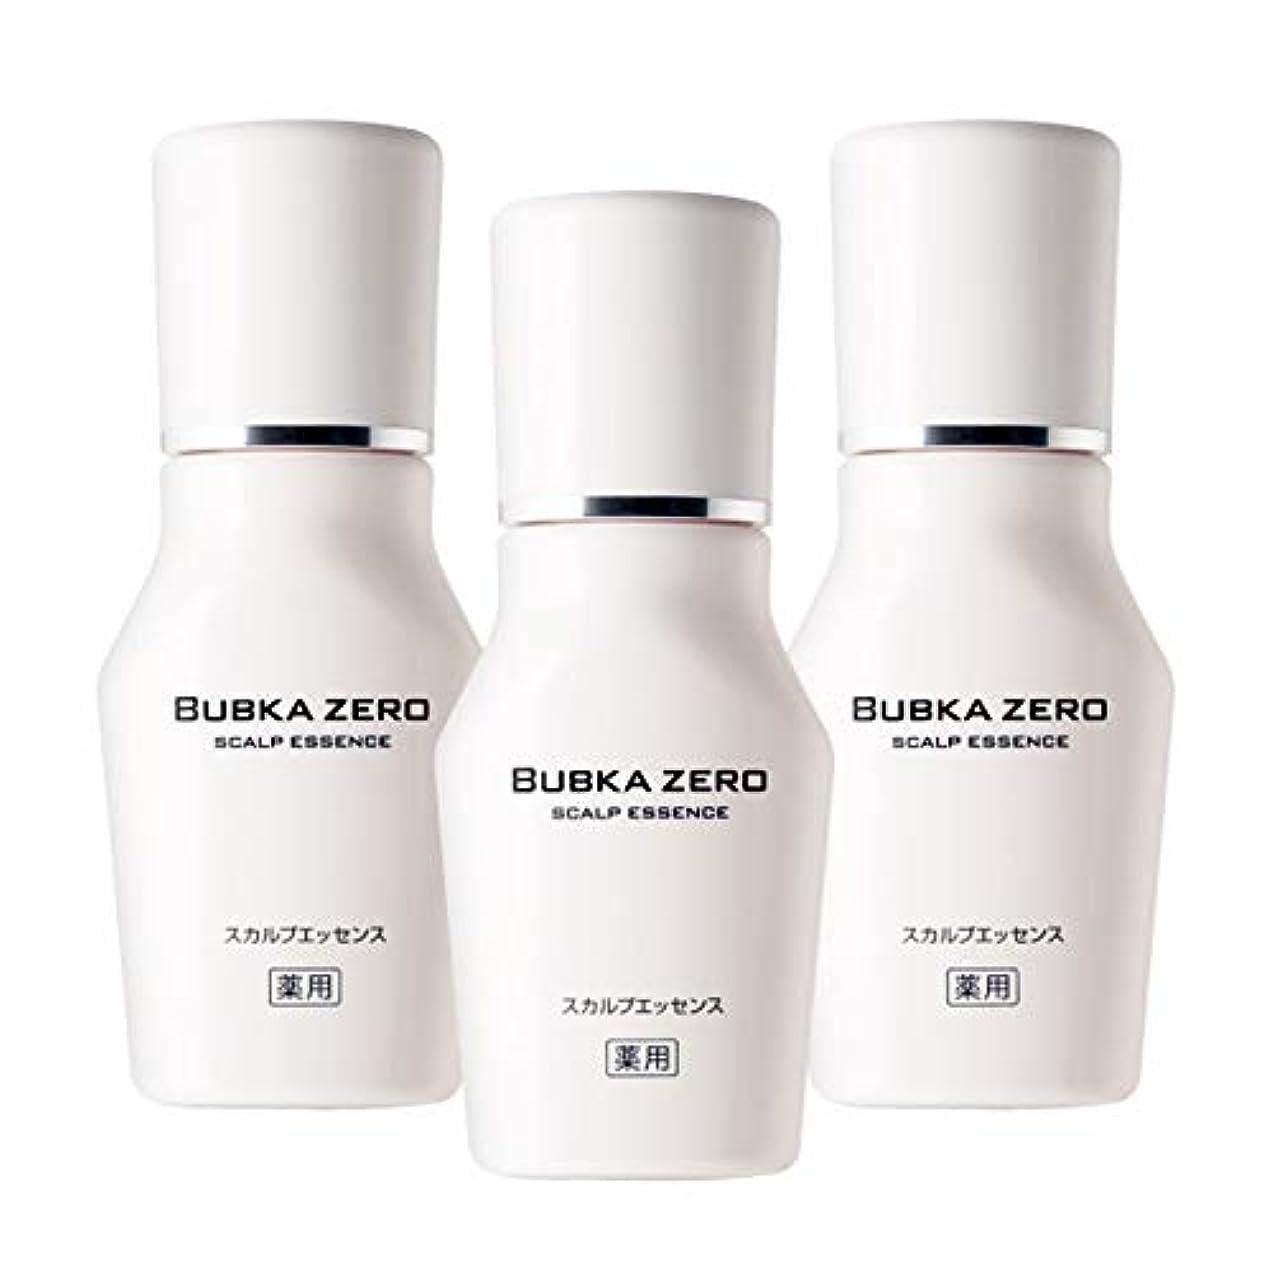 タフ狂乱番目【医薬部外品】BUBKA(ブブカ)薬用 スカルプエッセンス 育毛剤 BUBKA ZERO (ブブカ ゼロ)3本セット